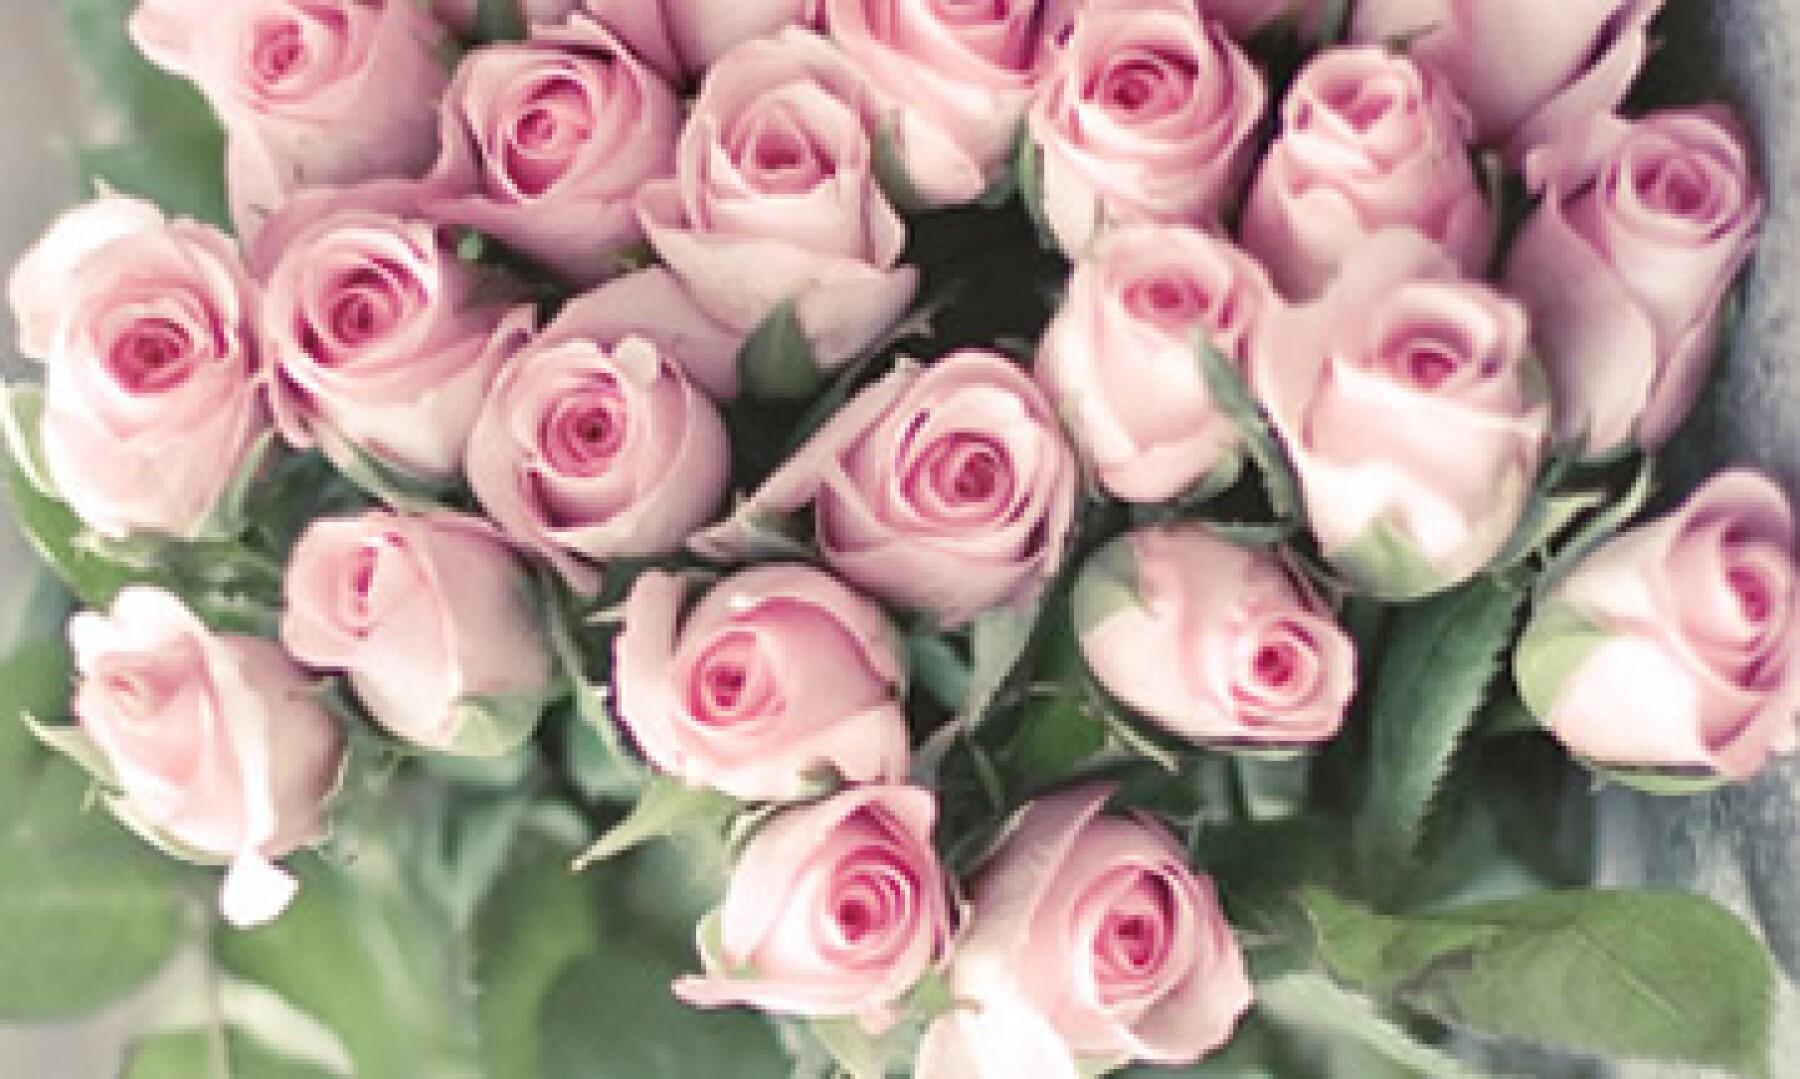 Además de flores, UPS transportará langostas frescas y dulces para los enamorados estadounidenses.  (Foto: Getty Images)